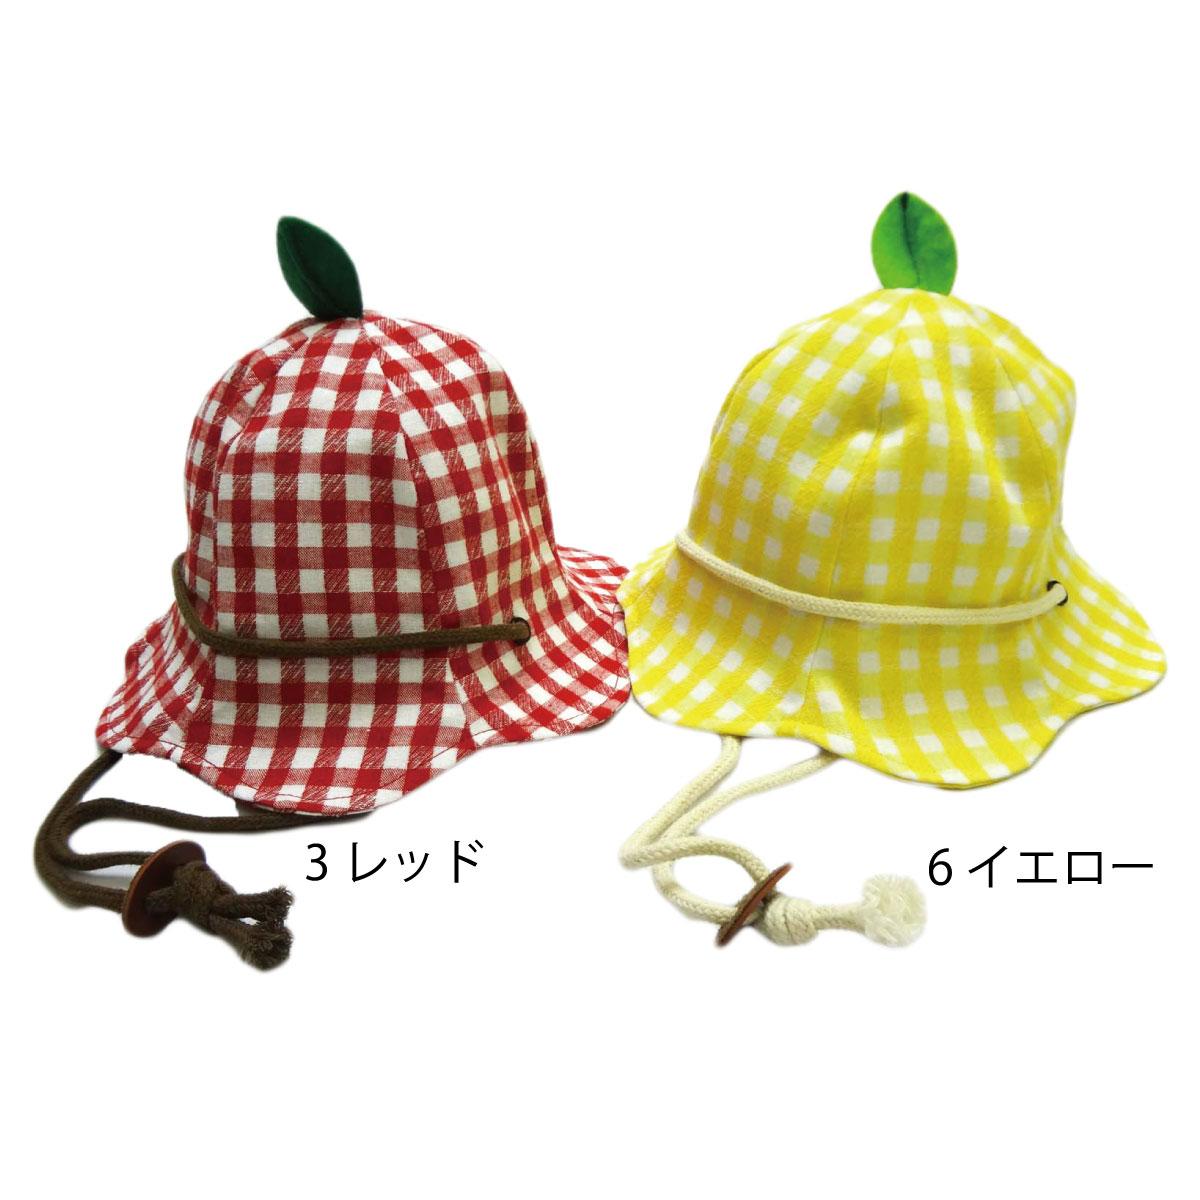 【ネコポス対応】【SiShuNon/SKAPE】フルーツハット エスケープ ベビー キッズ フルーツハット 帽子